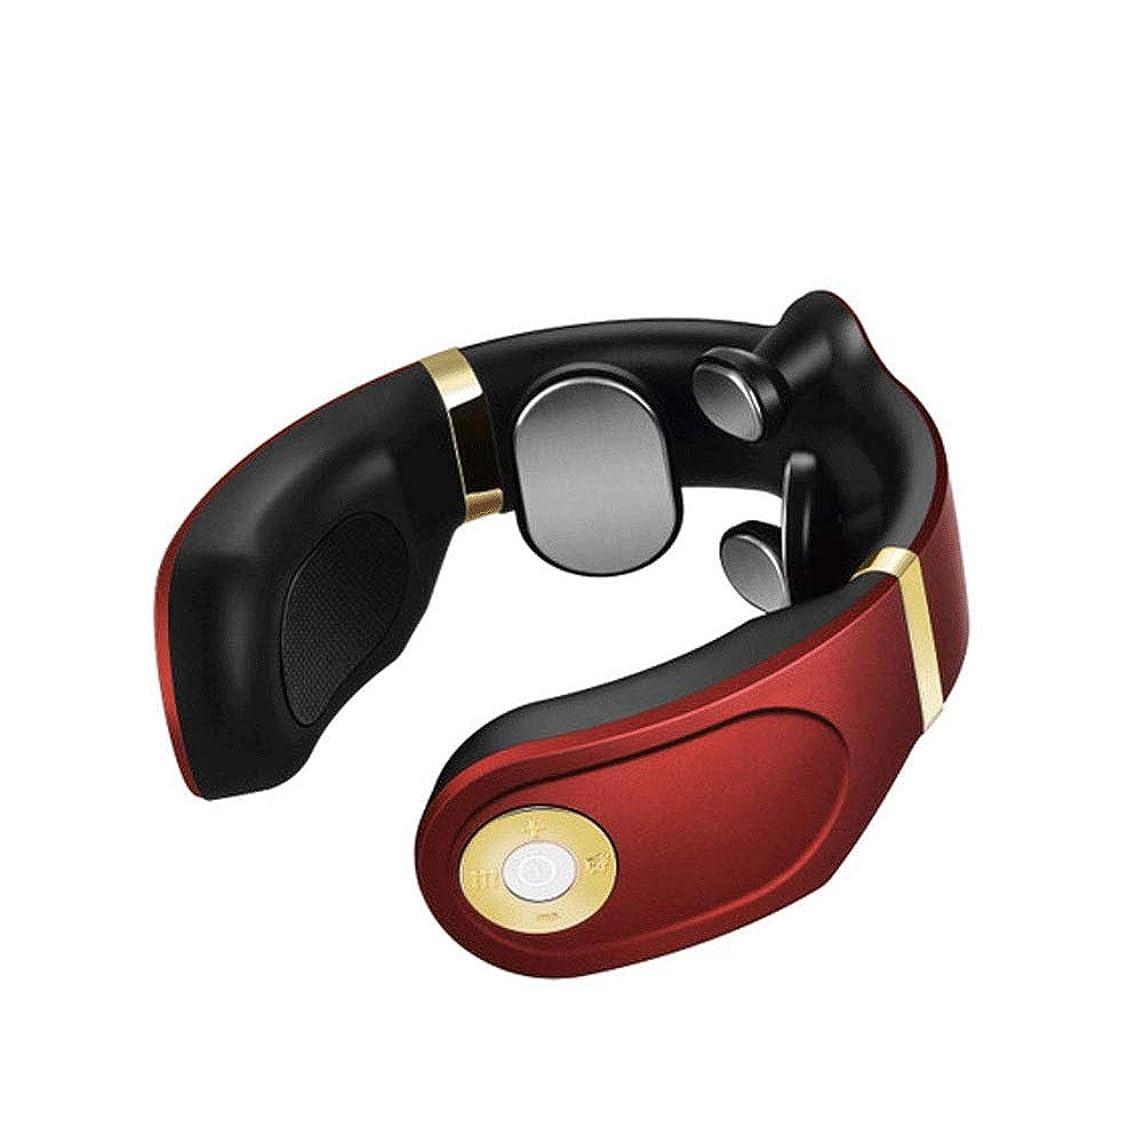 殺人者証言するにじみ出るMIXII2402 熱、首や肩の痛みを軽減し、贈り物で指圧深部組織マッサージャー多機能ポータブルネック (Color : Red)